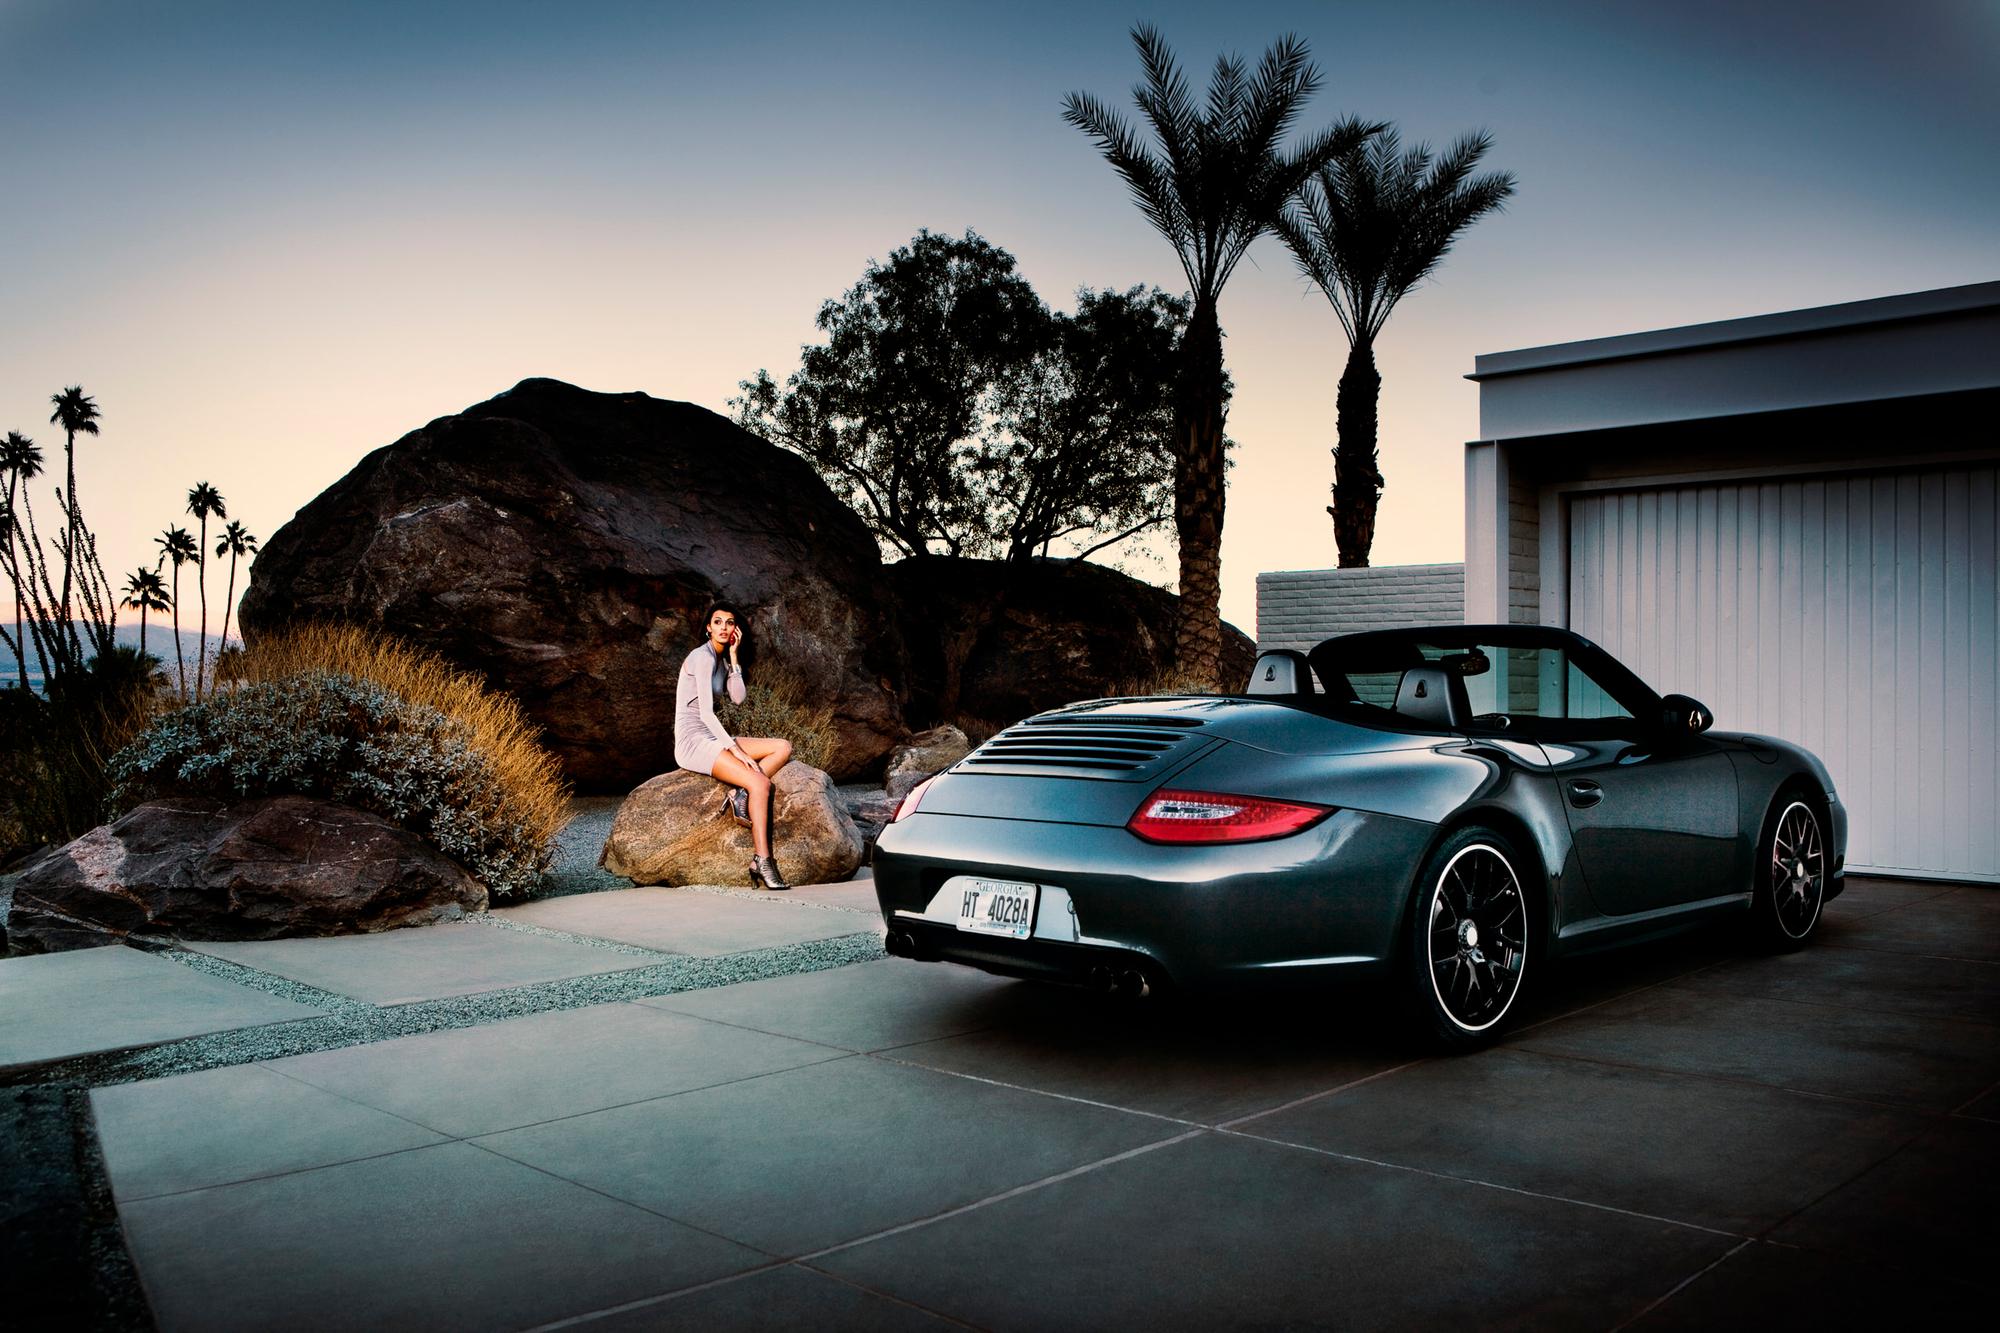 Porsche-ad.jpg